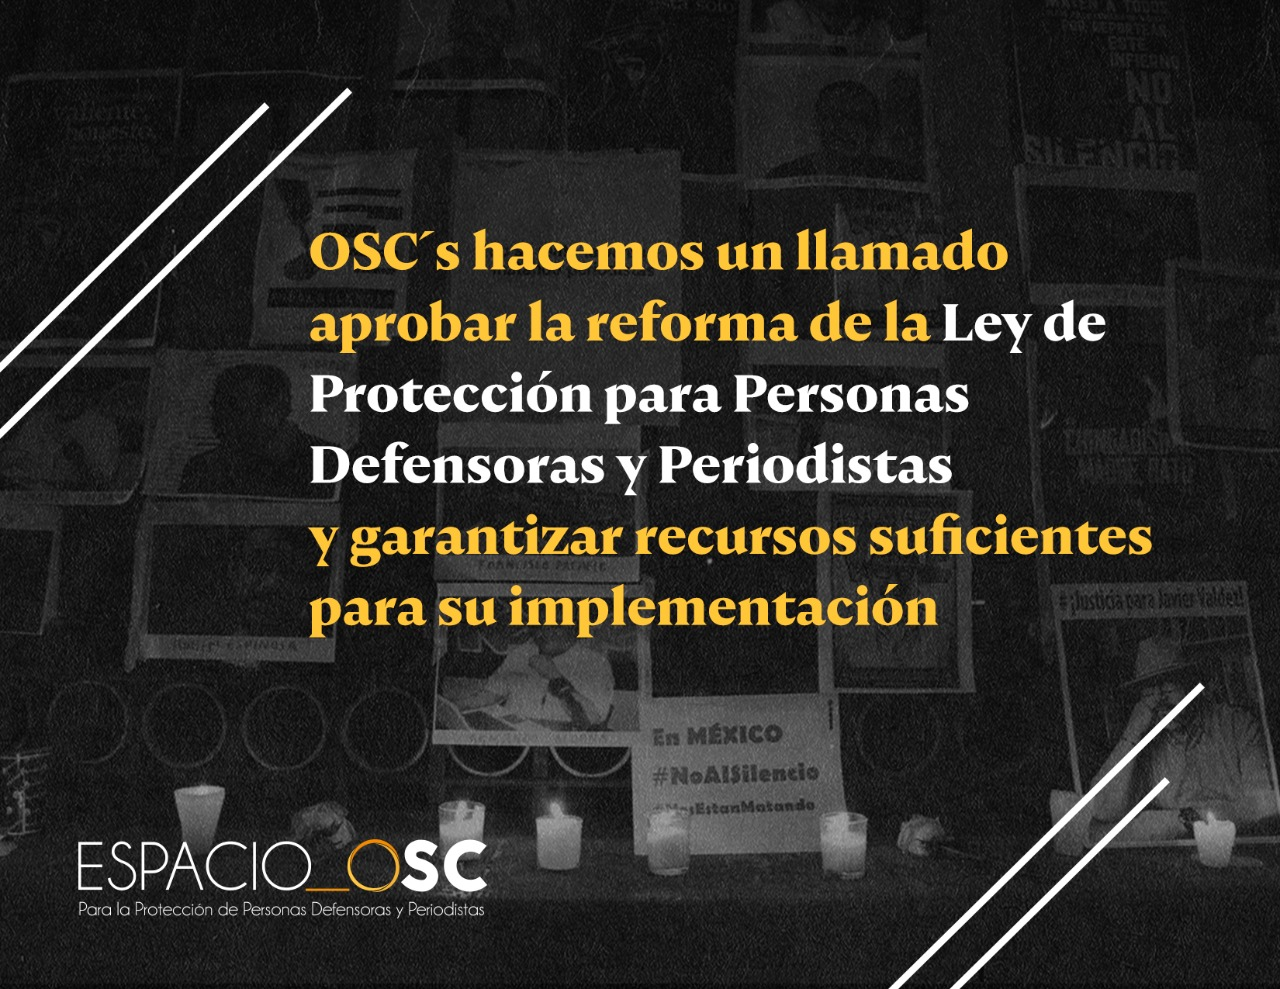 OSC´s hacen un llamado a aprobar reforma de Ley de Protección para Personas Defensoras y Periodistas y garantizar recursos suficientes para su implementación